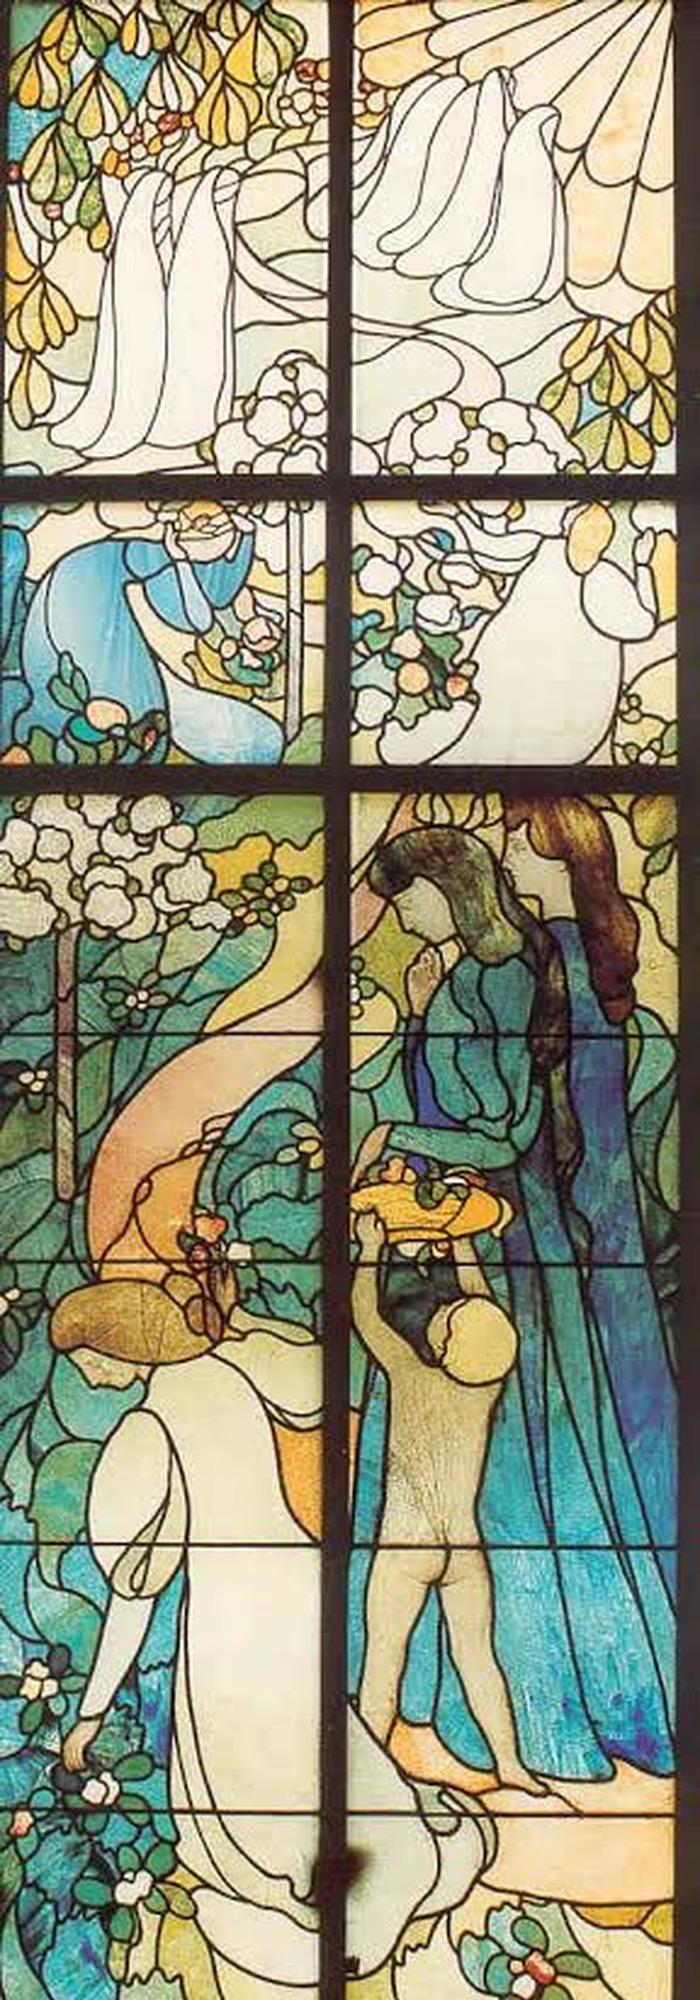 Crédits image : Maurice Denis, Le Chemin de la vie. Coll. musée Maurice Denis. Photo DR.